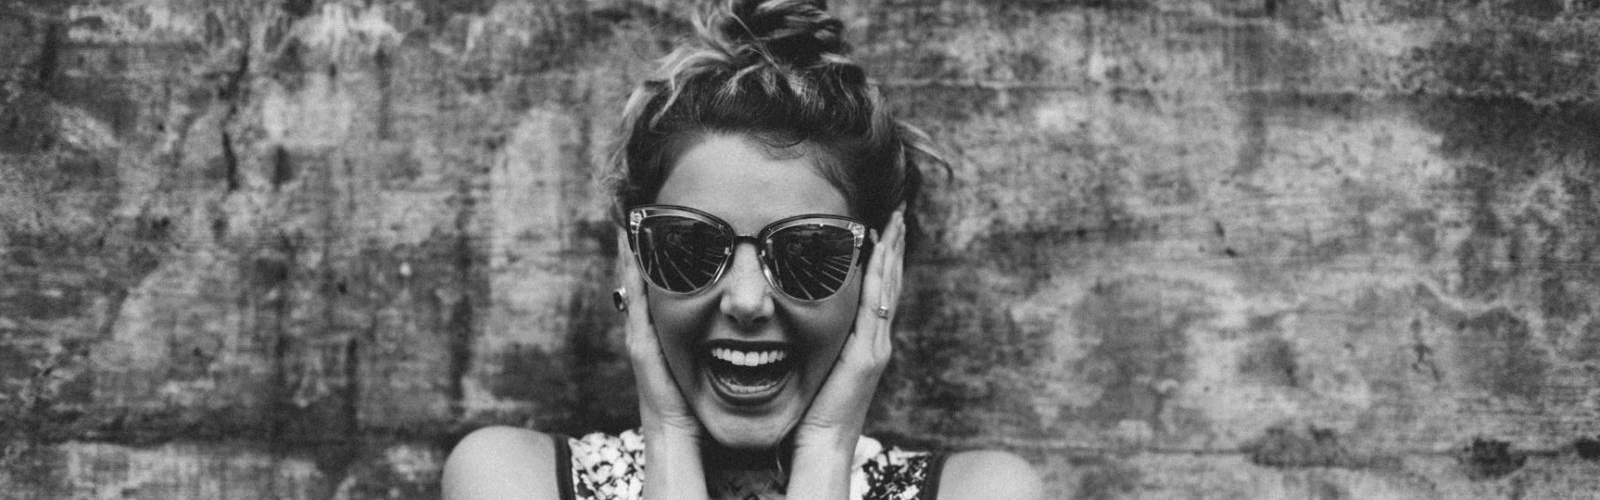 Usmiate dievča